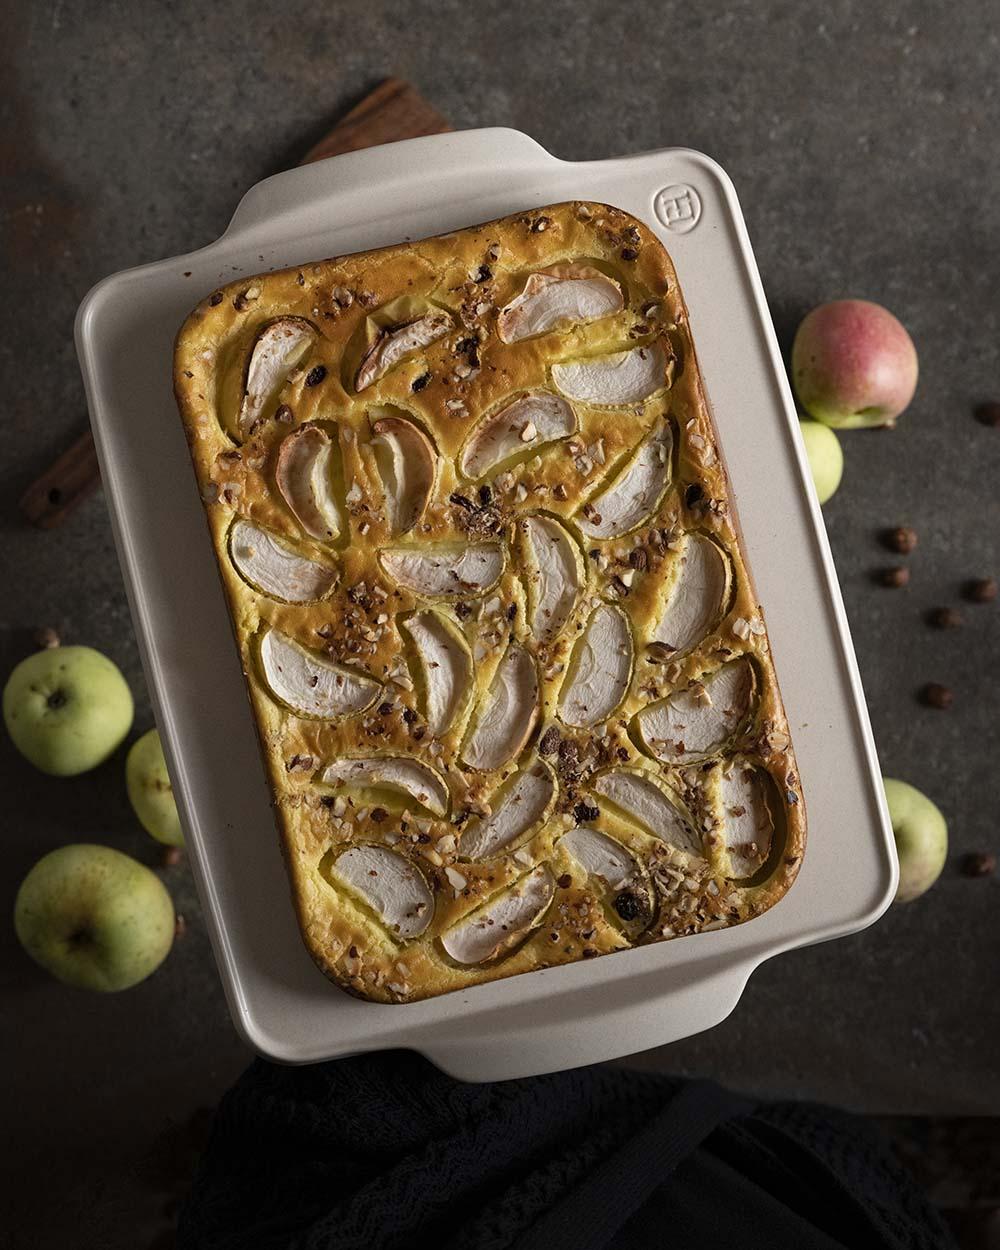 Unser Apfelpfannkuchen vom Blech, fotografiert von oben. Wir haben ihn auf eine Servierplatte gehoben. Noch ist er nicht angeschnitten und ohne Zimt und Zucker. Zu sehen sind di vielen Apfelspalten, die wir mit Schale im Teig verteilt haben.